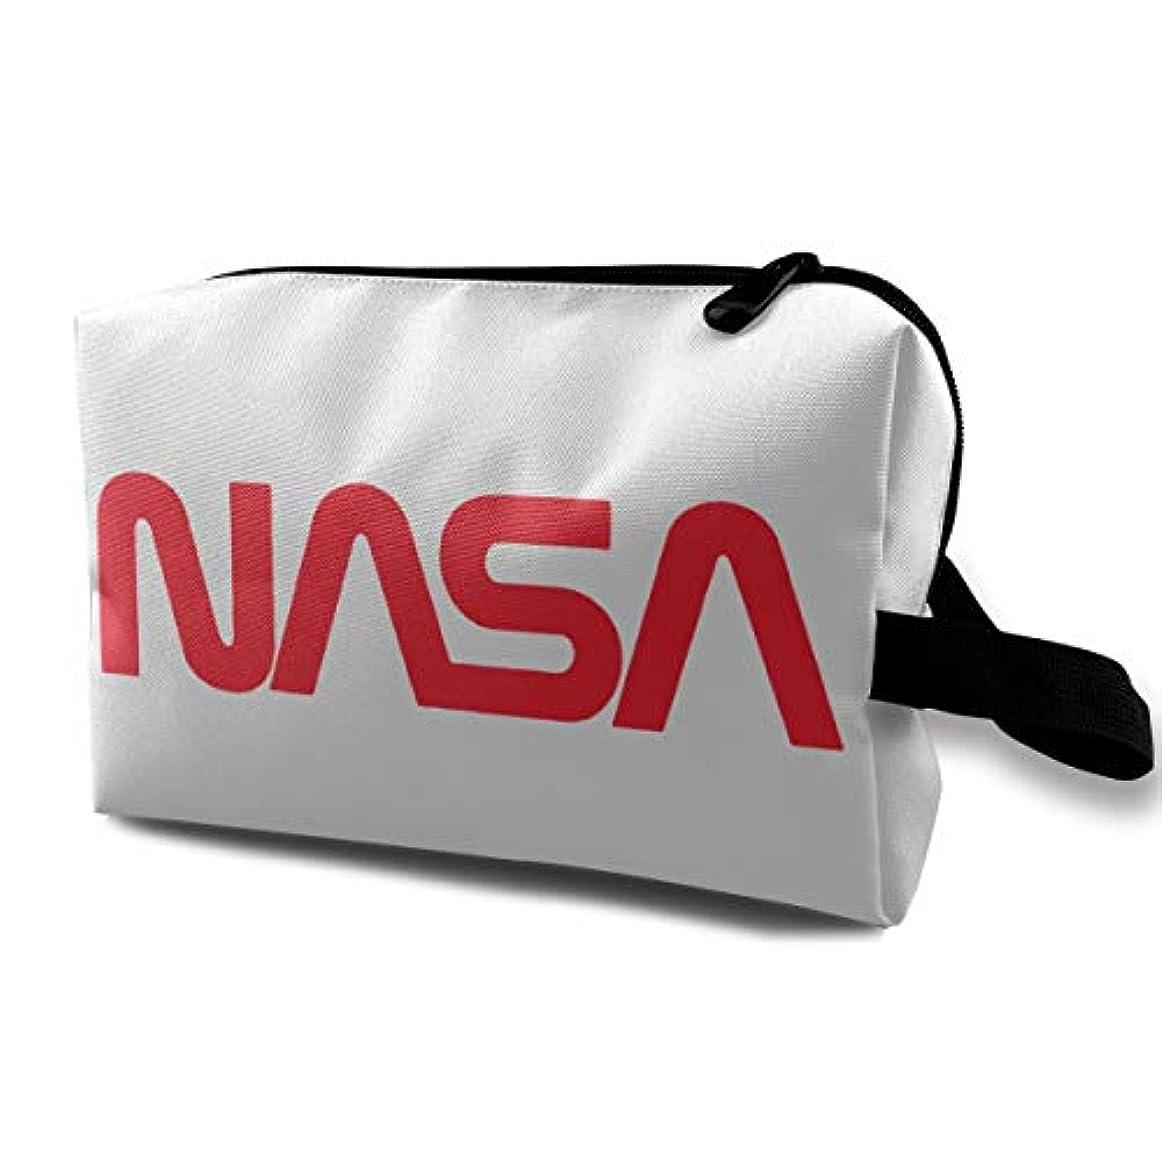 乗り出すネクタイマエストロDSB 化粧ポーチ コンパクト メイクポーチ 化粧バッグ NASA 航空 宇宙 化粧品 収納バッグ コスメポーチ メイクブラシバッグ 旅行用 大容量